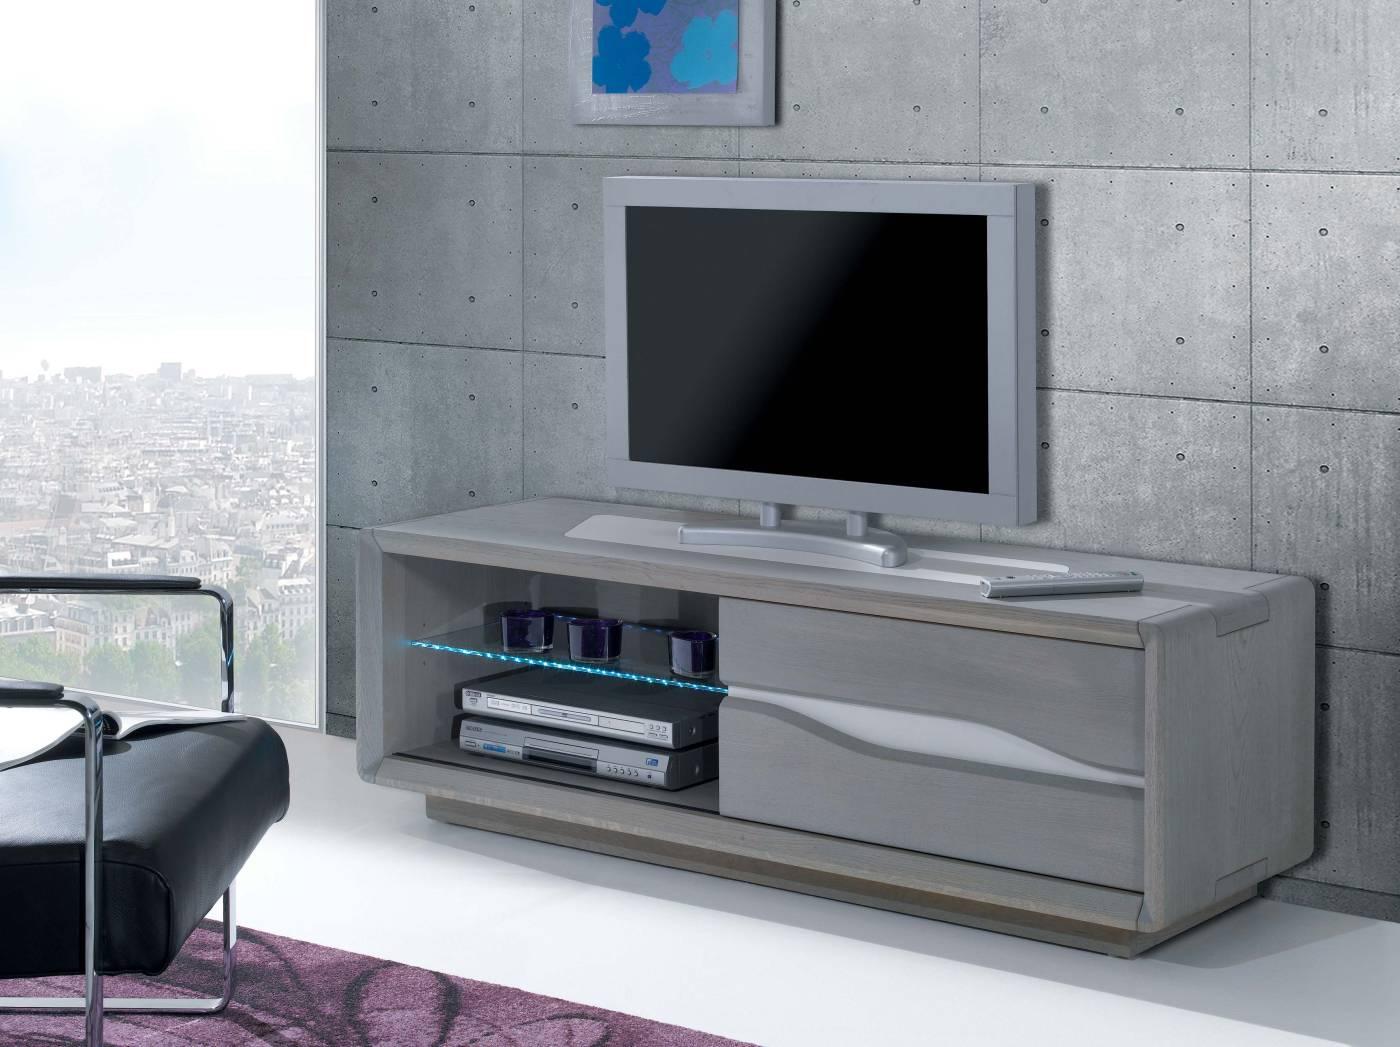 S jour c ram meuble ch ne c ramique meublesgibaud for Meuble tv petite dimension